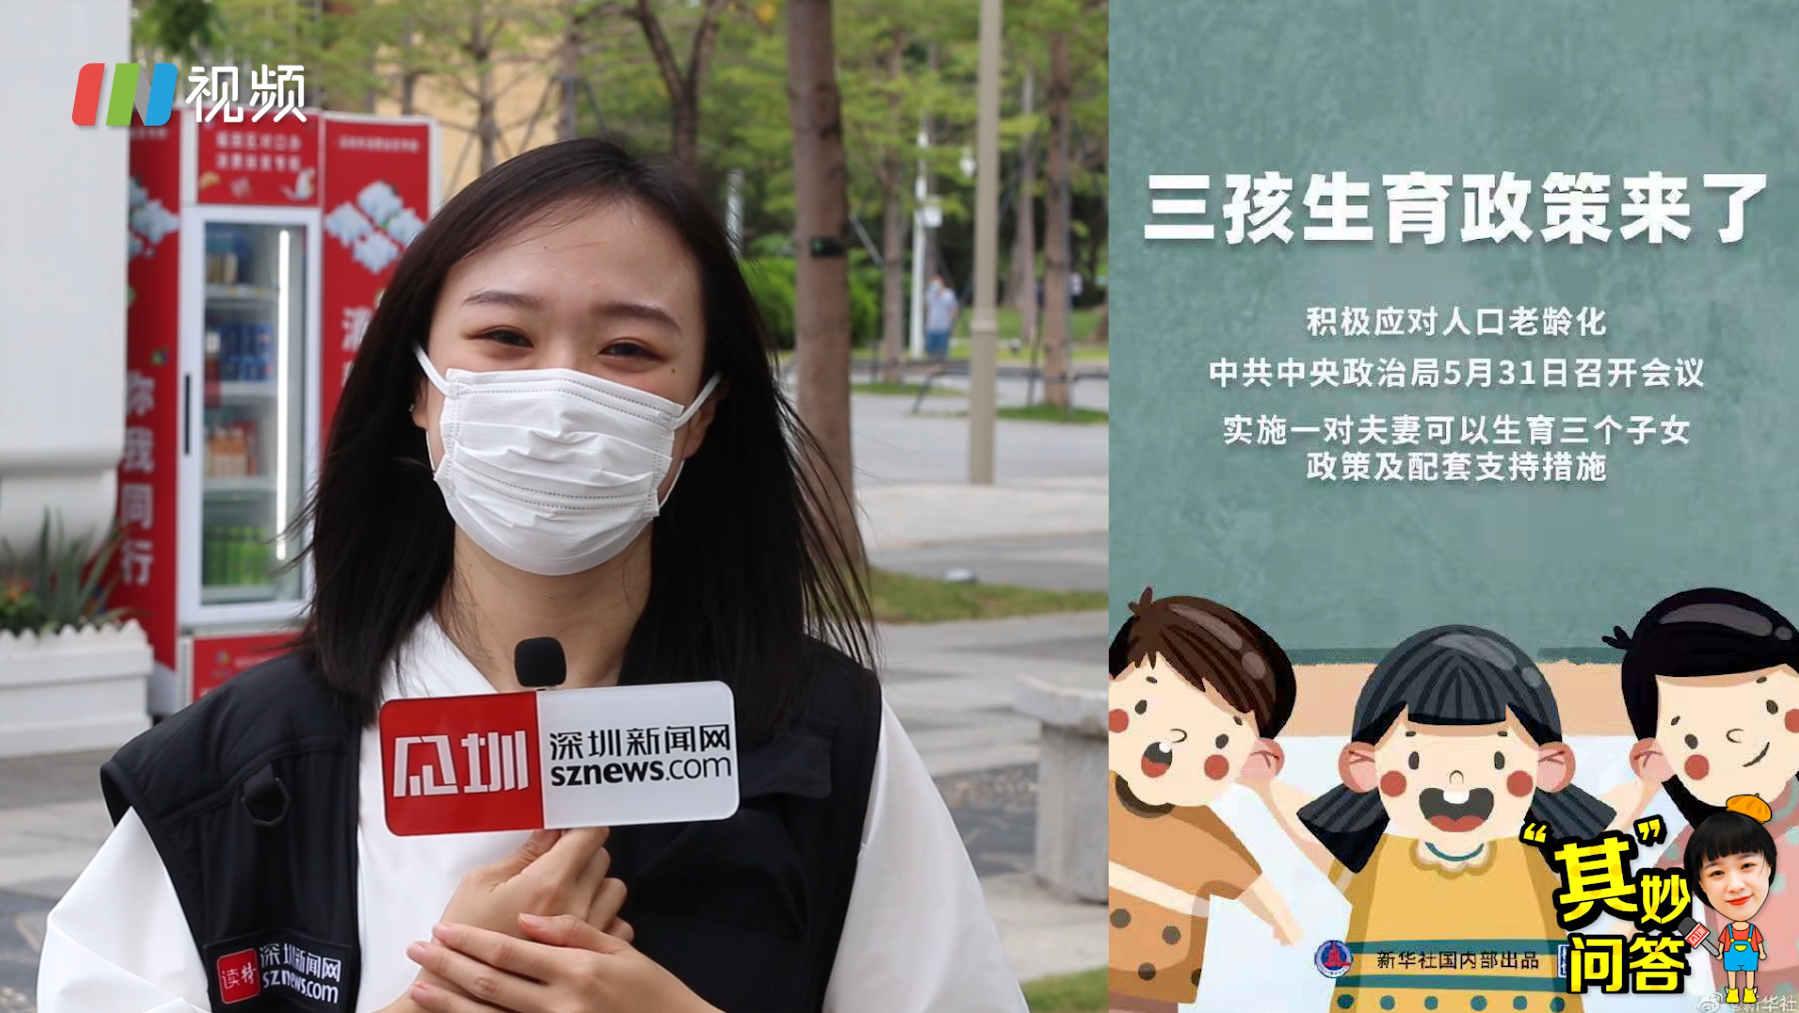 其妙问答第19期|三孩生育政策来了 !深圳人这样说......